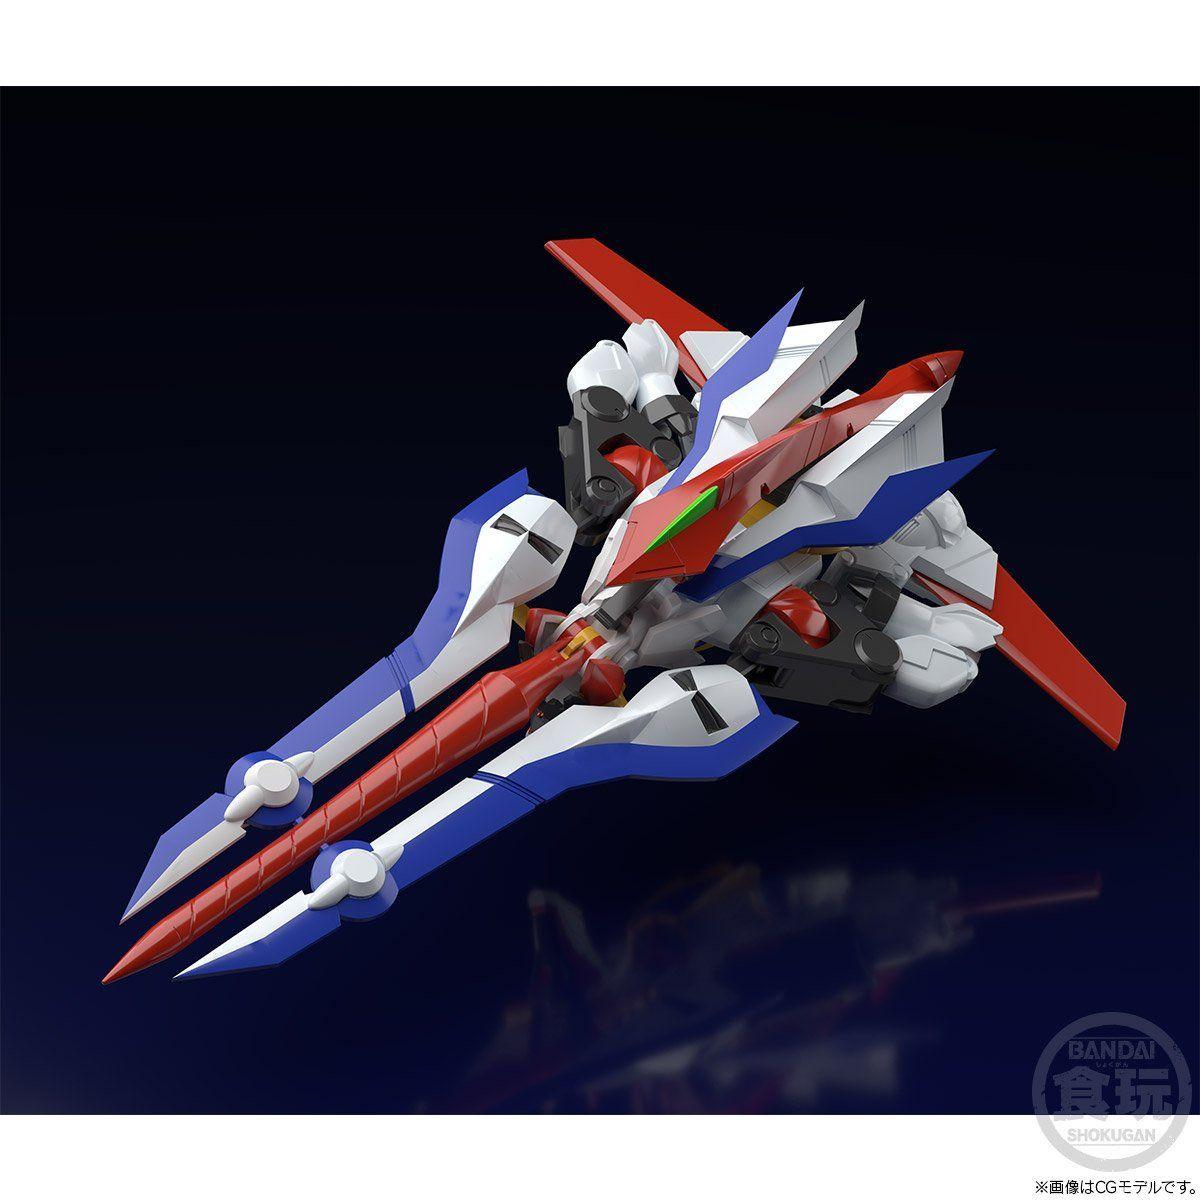 【限定販売】【食玩】スーパーミニプラ『超獣王 輝刃』GEAR戦士電童 プラモデル-007